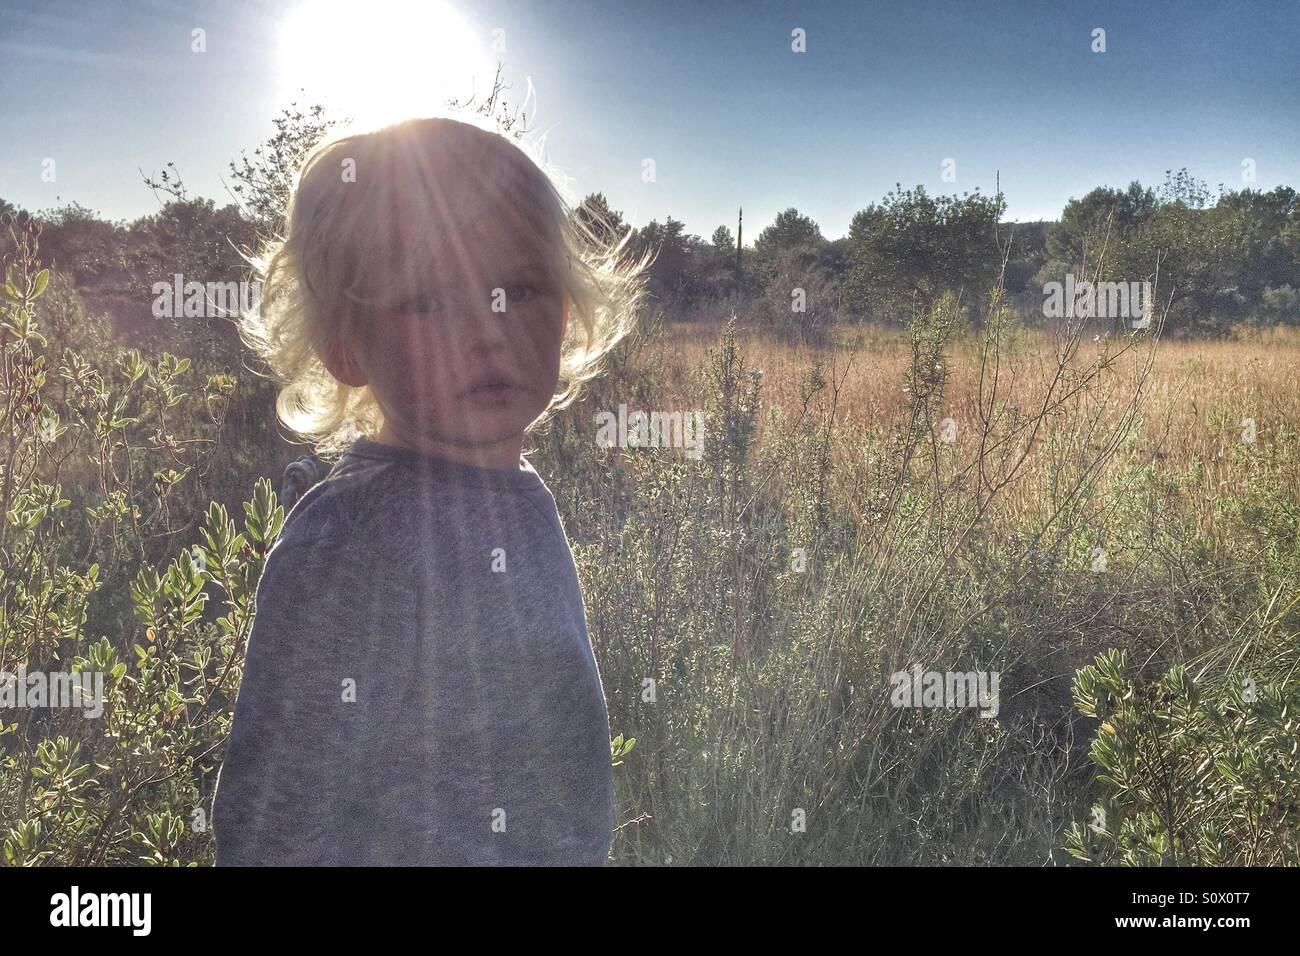 Junge in einem sonnigen Bereich Stockbild